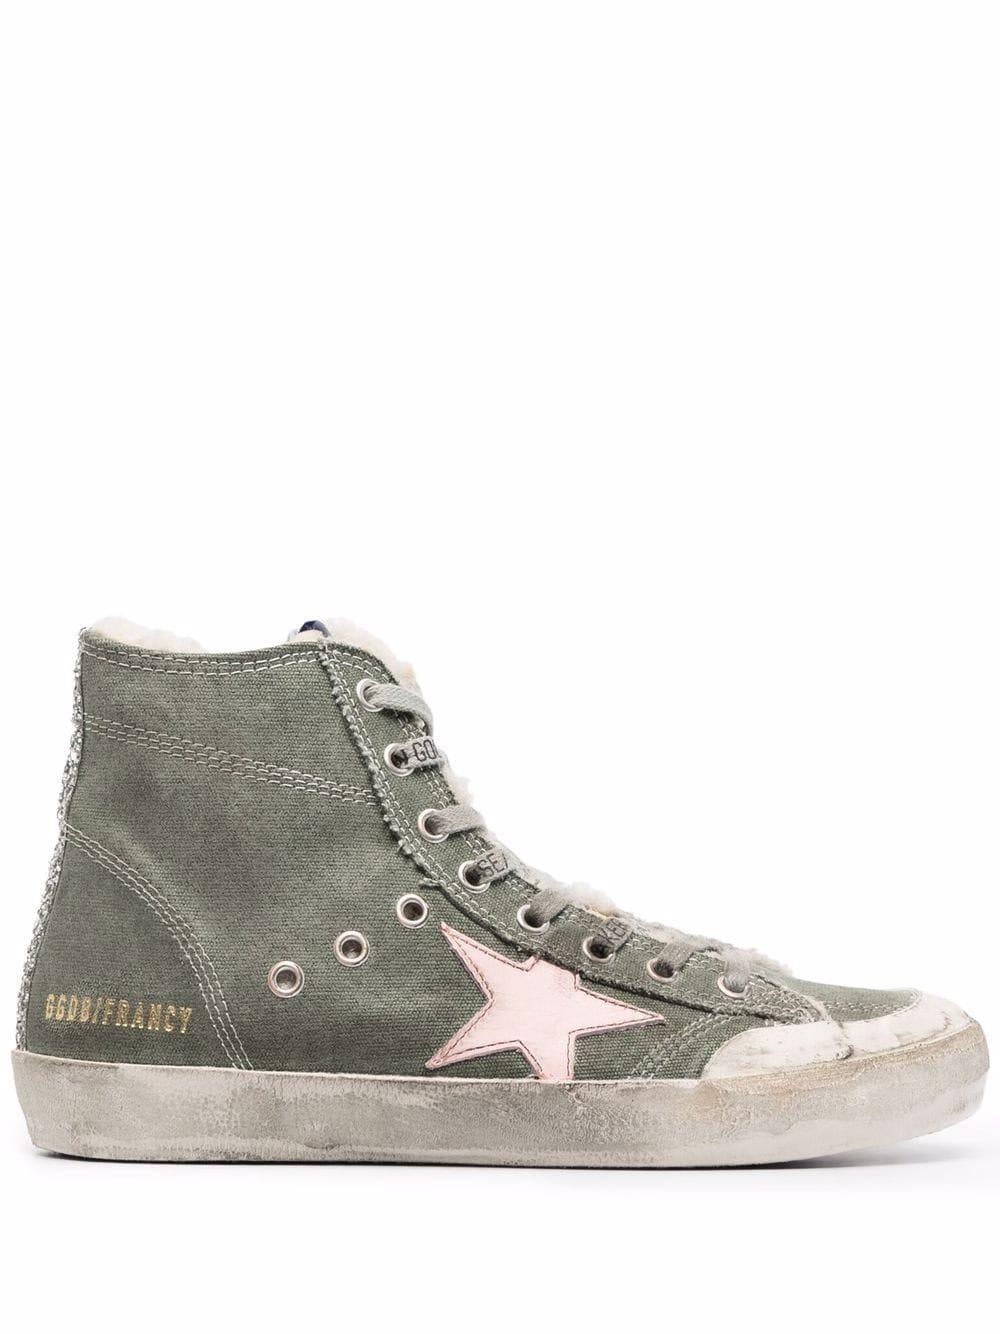 Picture of Golden Goose Deluxe Brand   Francy Penstar Sneakers